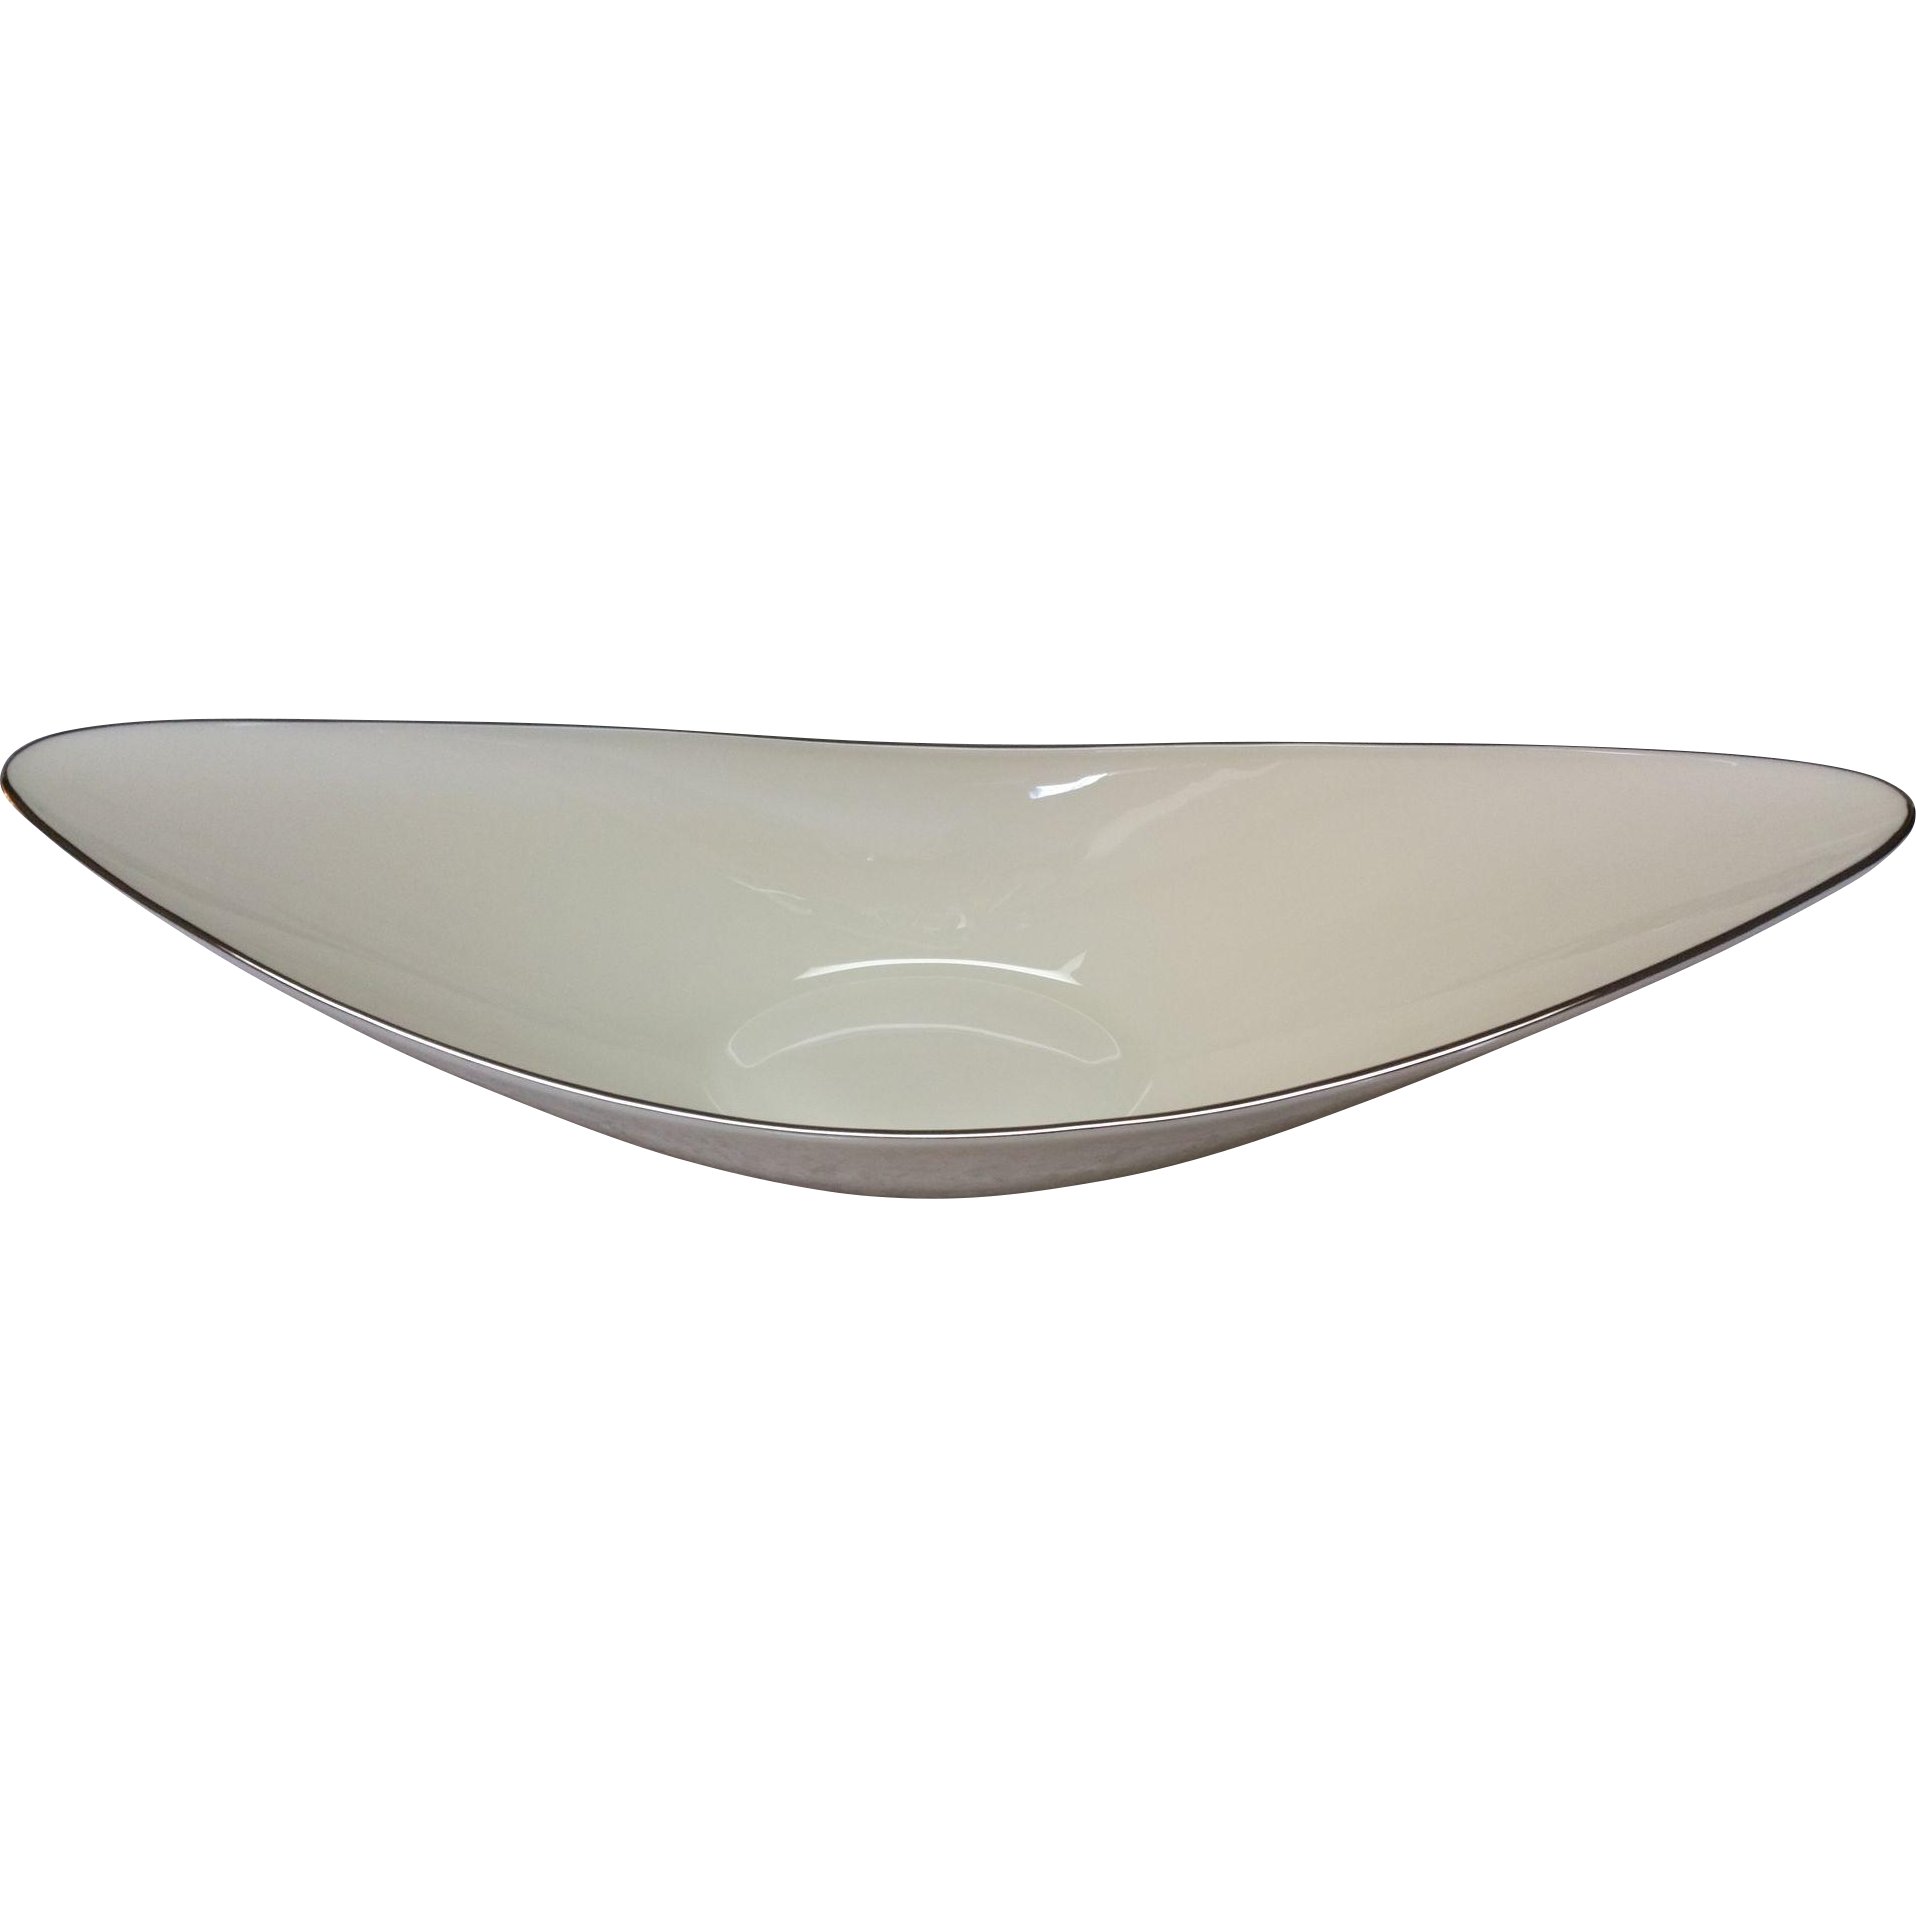 Vintage Lenox Centerpiece Bowl